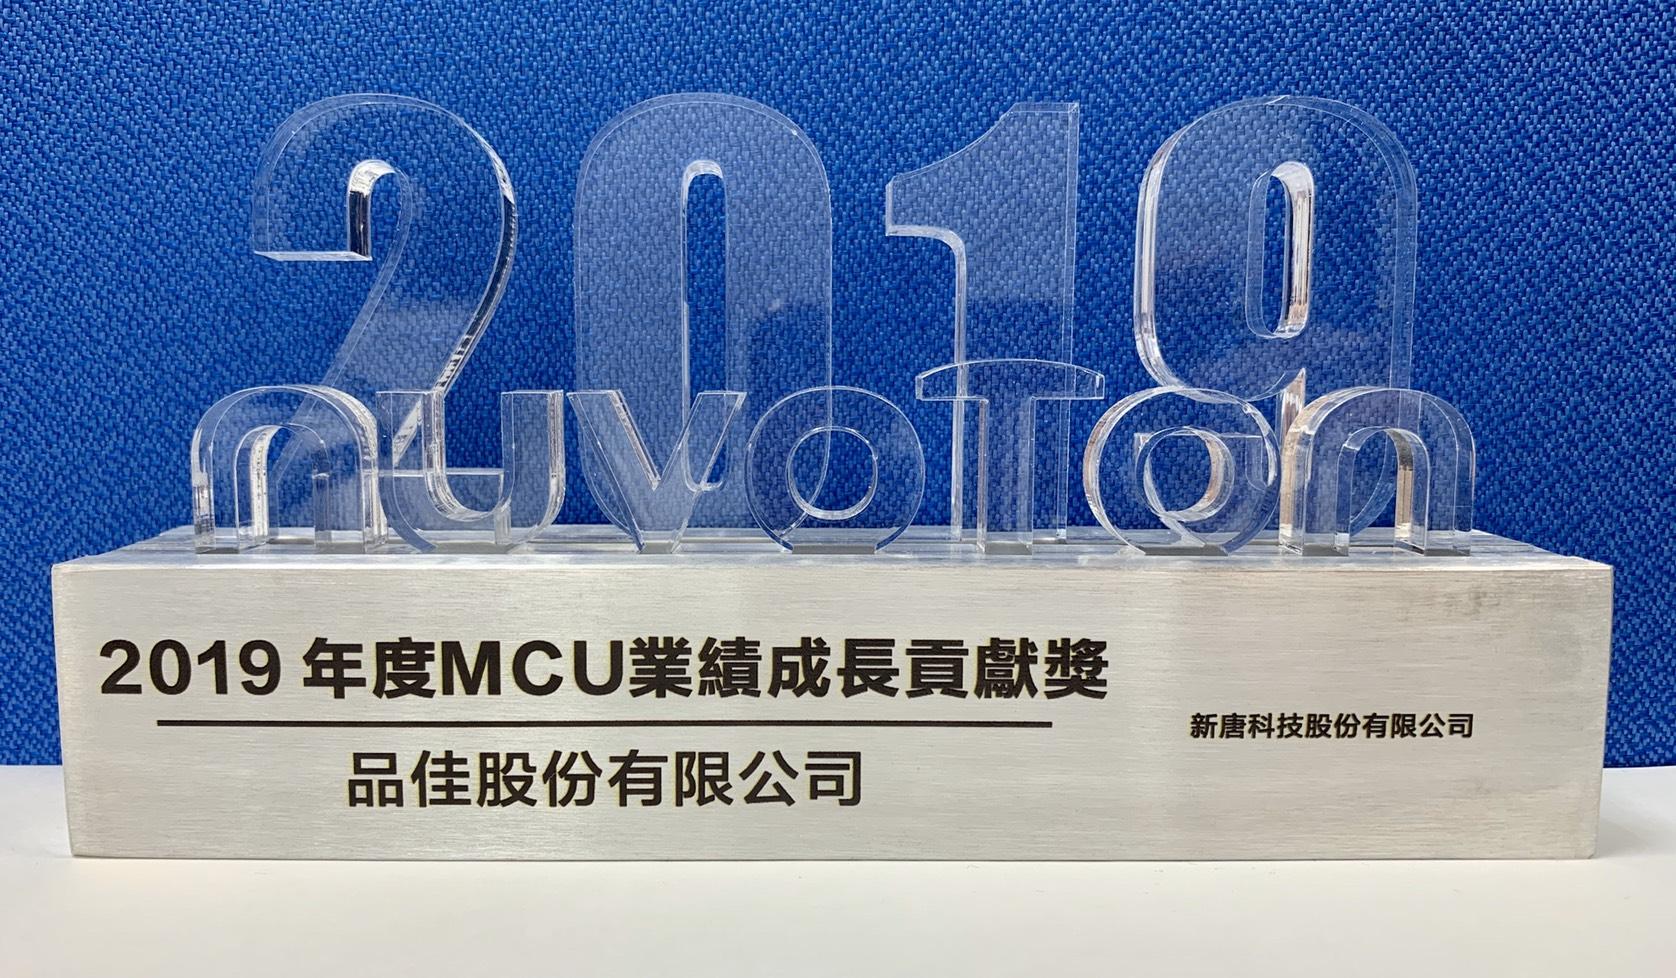 2019年度MCU業績成長貢獻獎